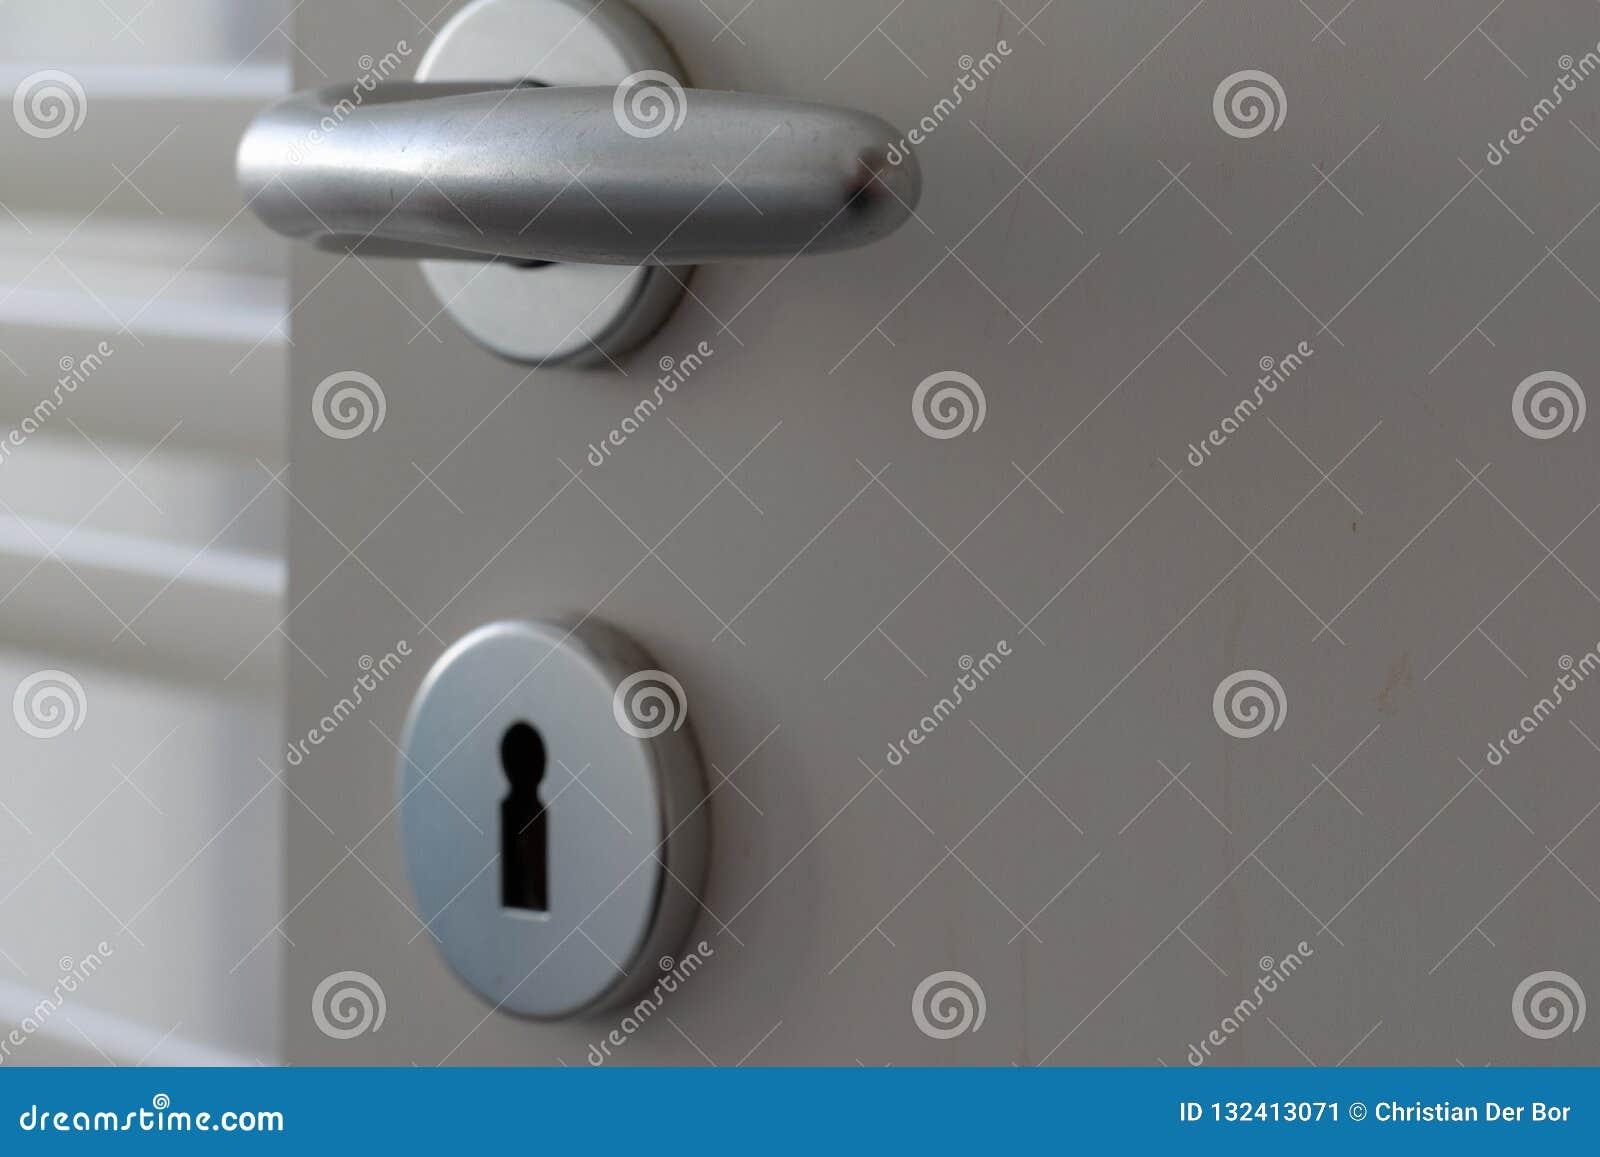 Door lock with handle and key